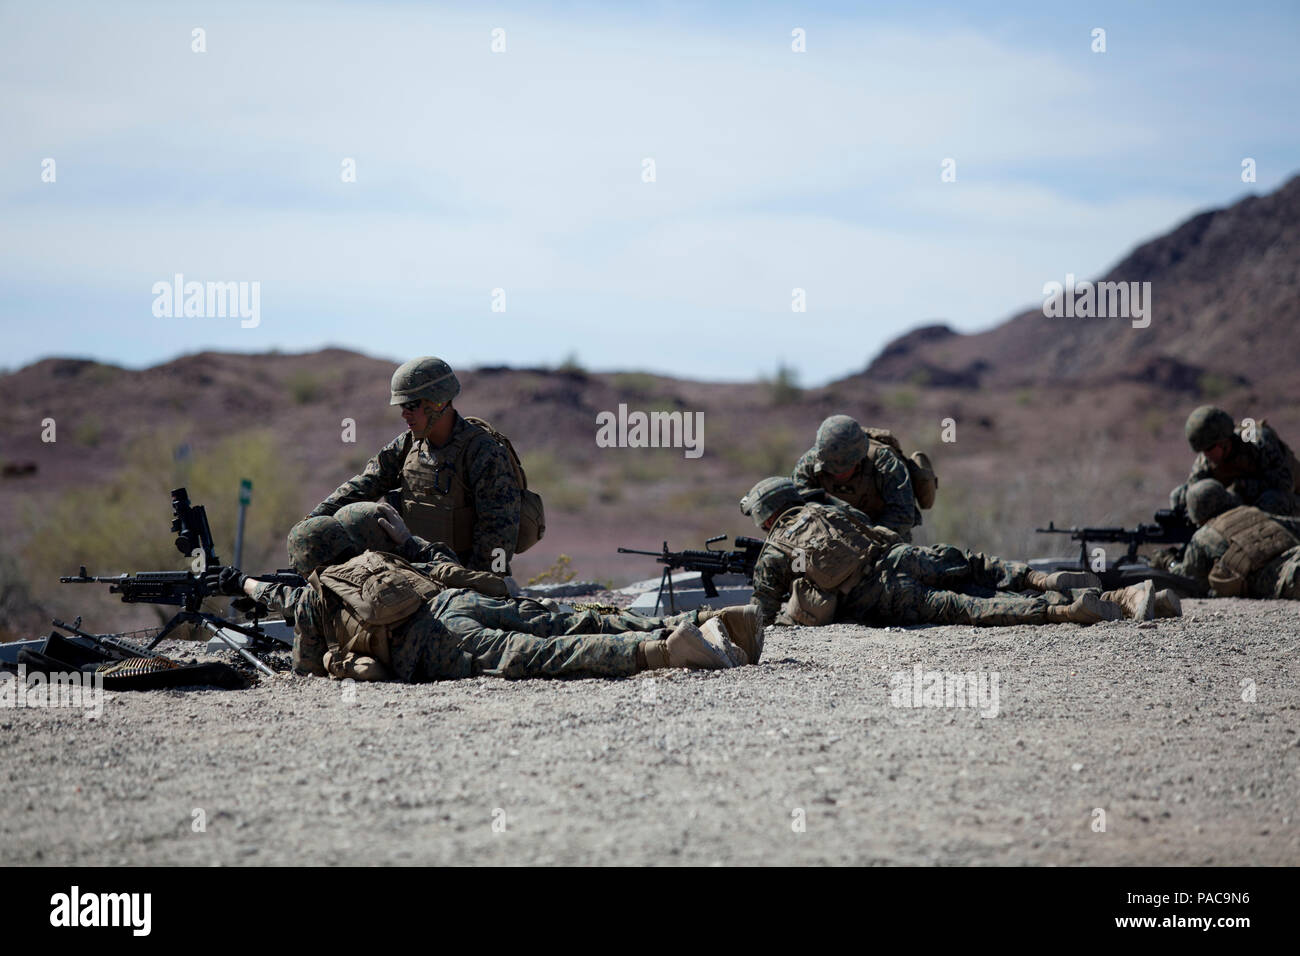 Infantes de Marina de los Estados Unidos, Escuadrón de Apoyo ala Marina 371 (MWSS-371), infantes de Marina disparar una ametralladora M240B en el Yuma Proving Grounds, Arizona, el 10 de marzo de 2016. MWSS-371 realiza un ejercicio anual sobre el terreno para preparar los Marines para futuros despliegues. (Ee.Uu. Marine Corps foto por Lance Cpl. B. Vinculado AaronJames/ liberado) Foto de stock